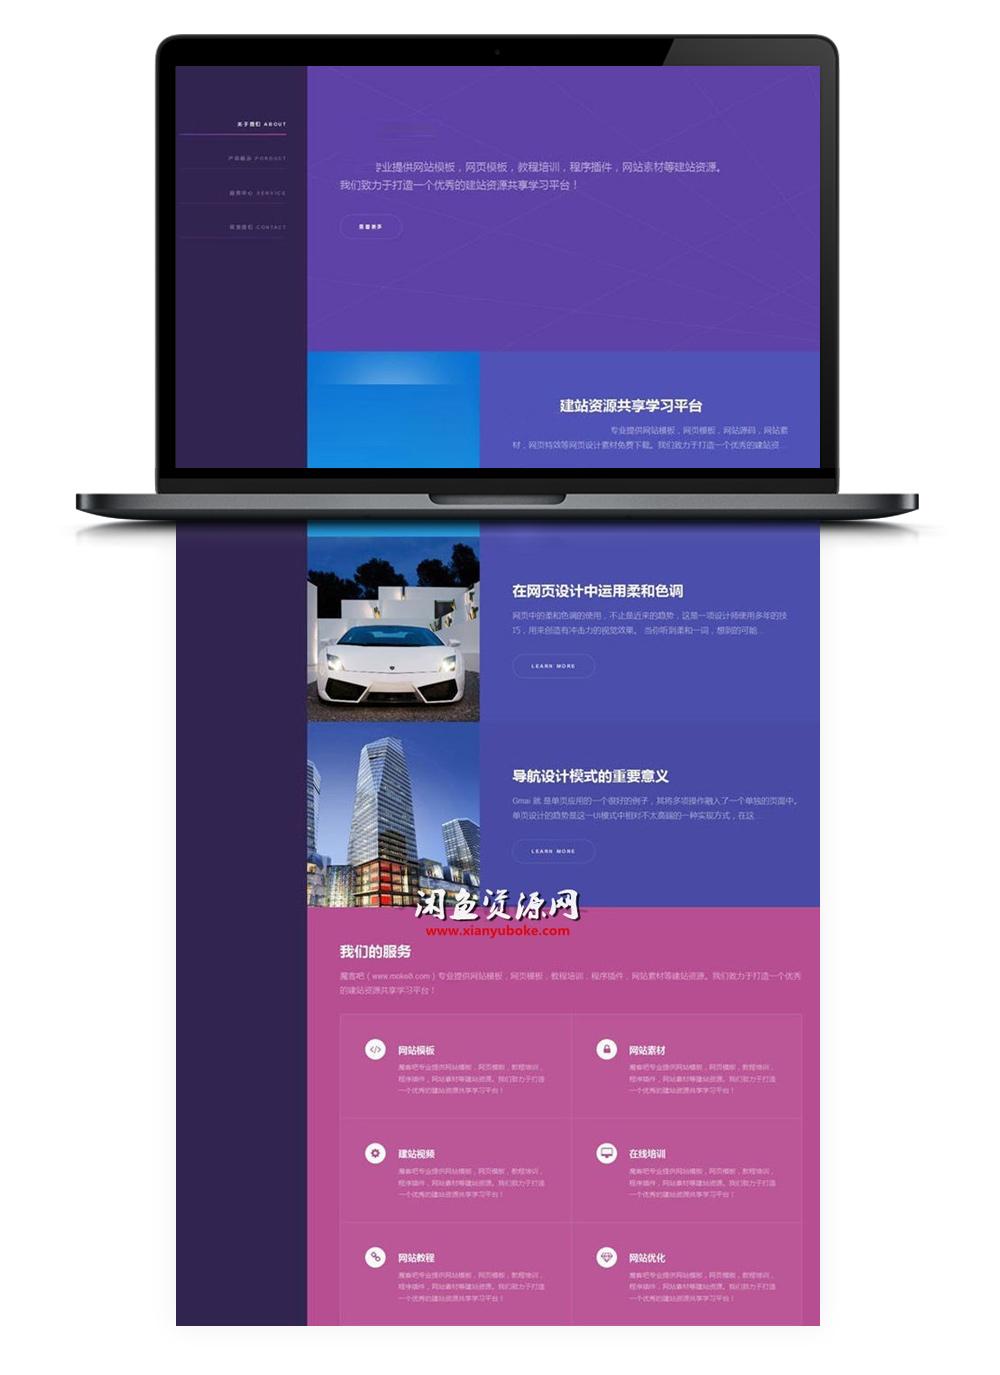 【织梦侧边企业模板】优雅炫彩侧边企业展示织梦响应式模板[DEDECMS内核]-酷网站源码